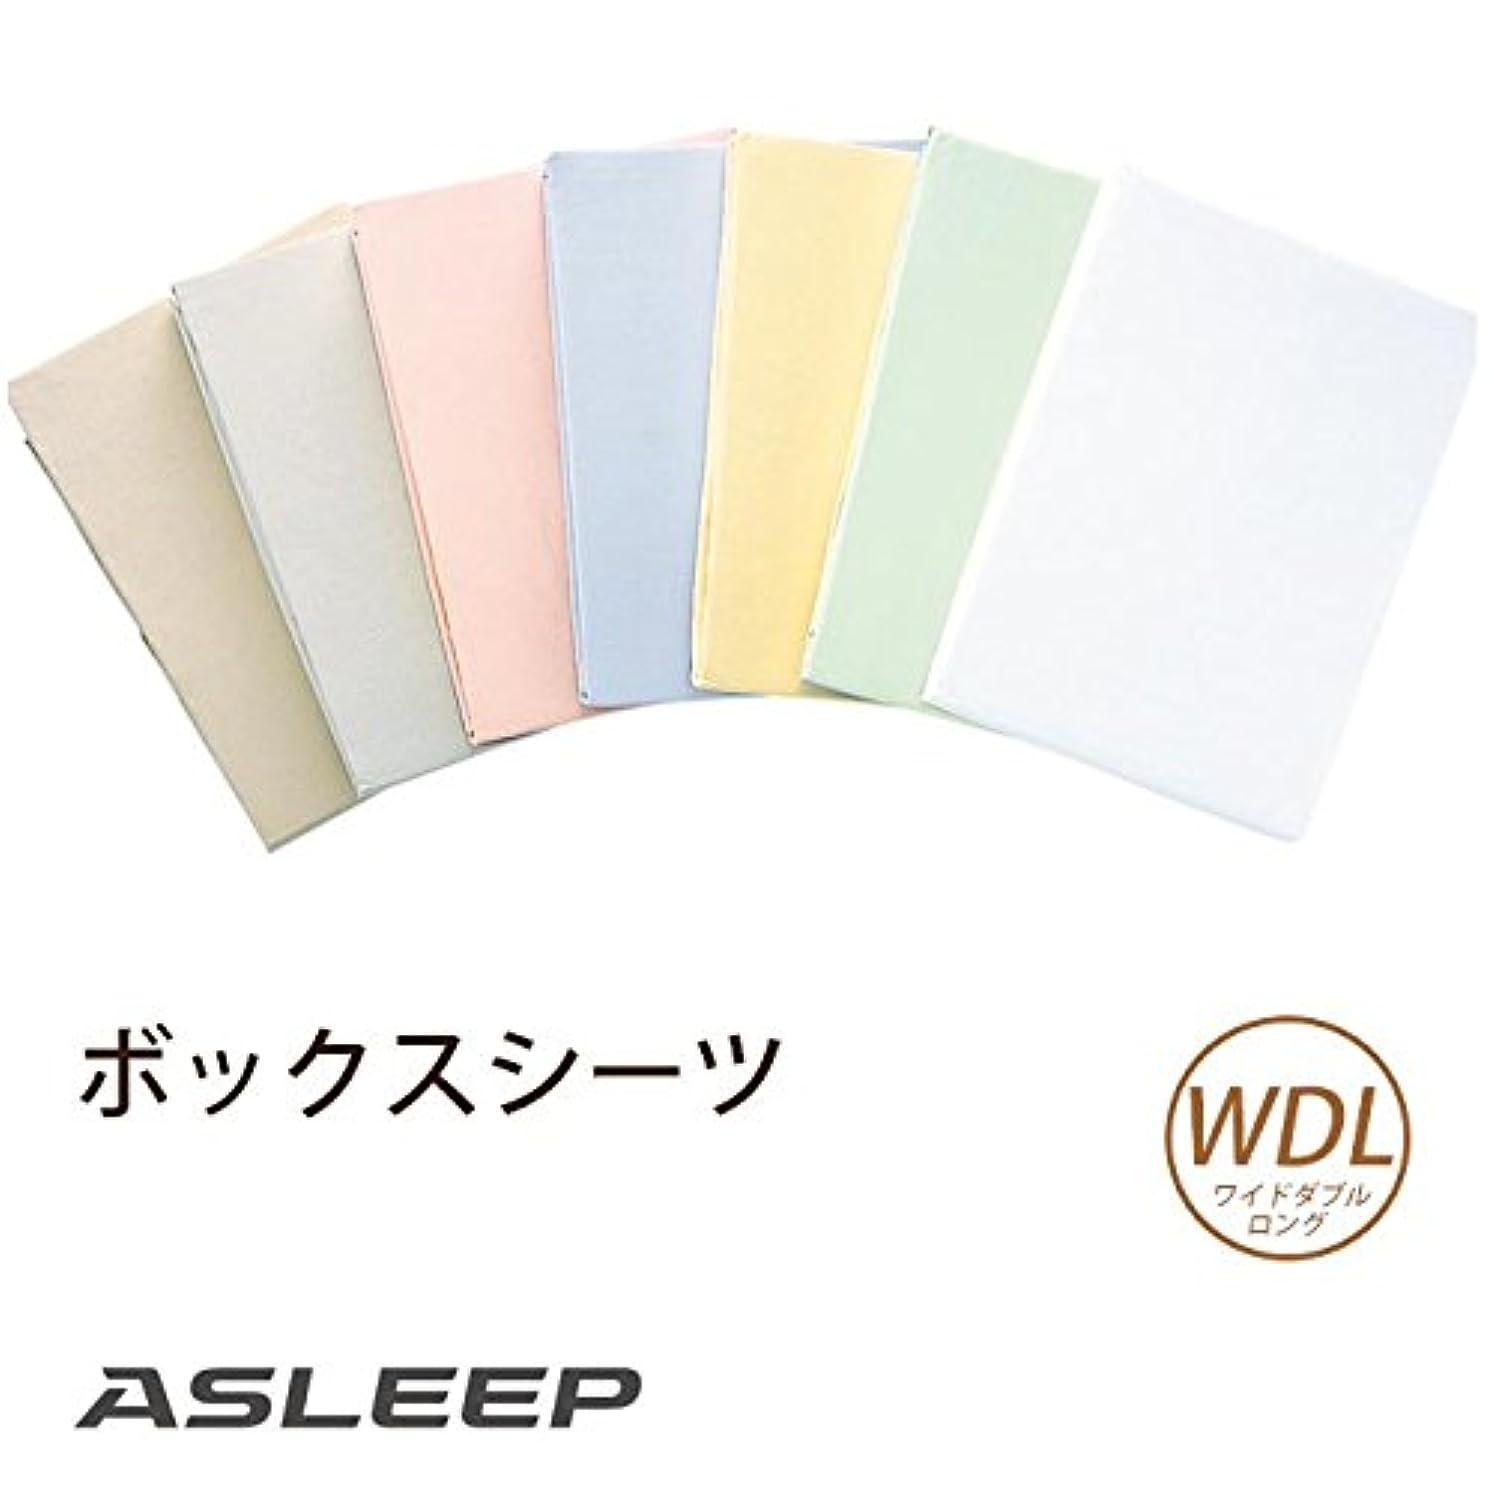 レザー多くの危険がある状況概要ASLEEP(アスリープ) ボックスシーツ ワイドダブルロング 高さ30cm/ピンク